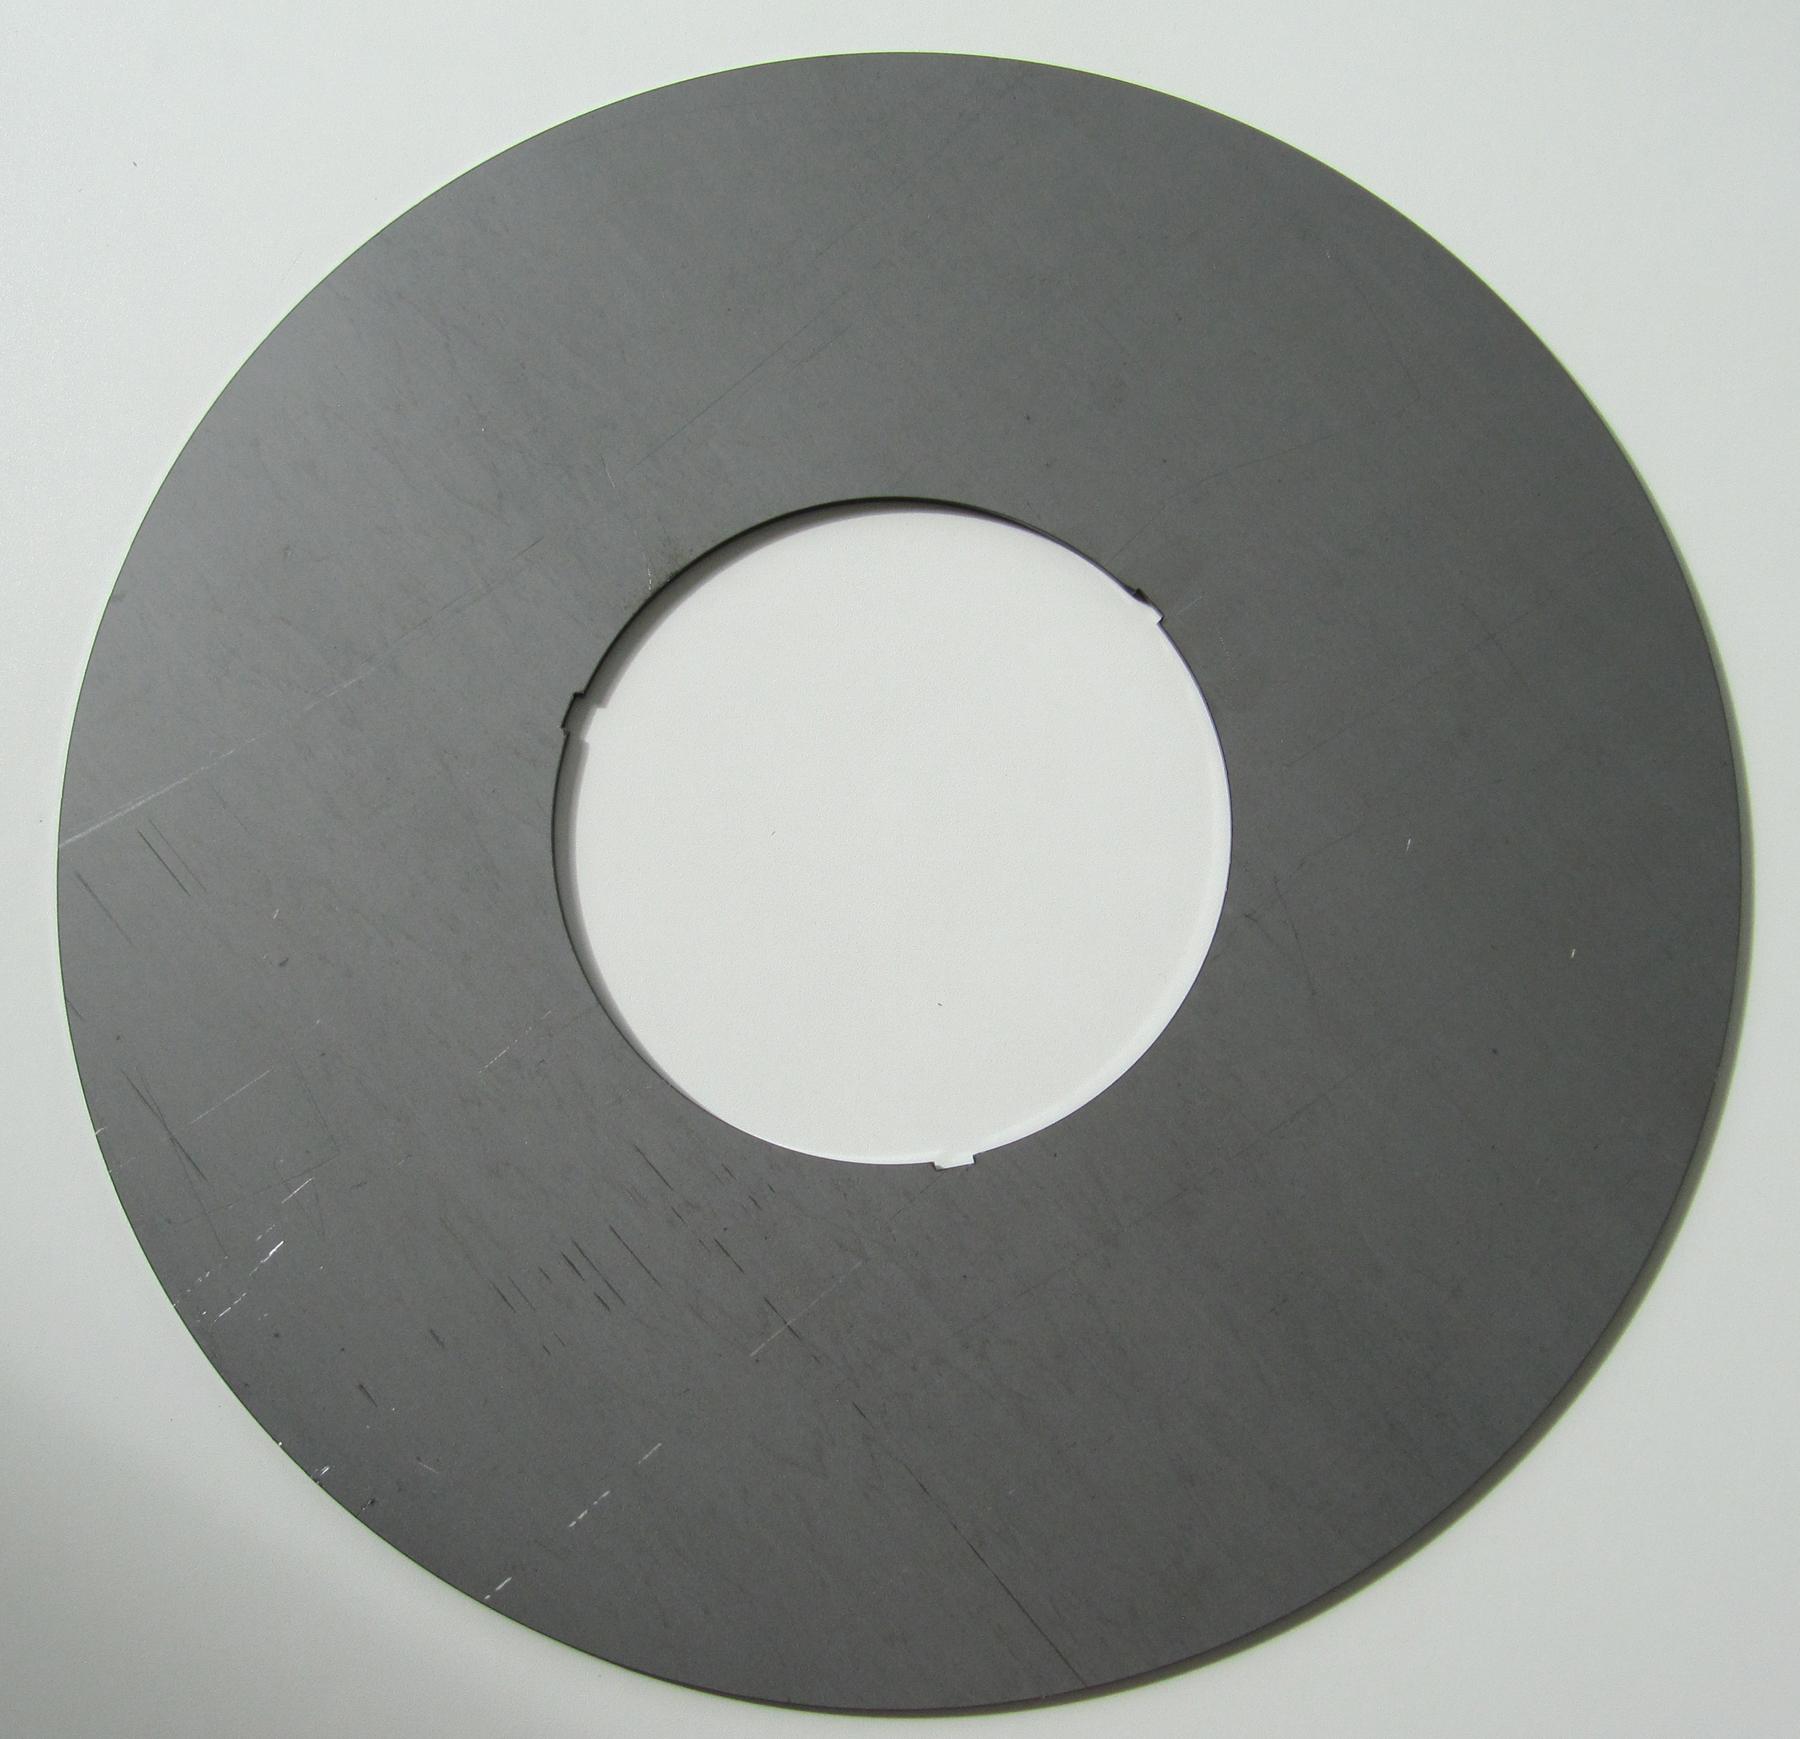 Feuerplatte Plancha Grillplatte 500mm Ø Bild 1